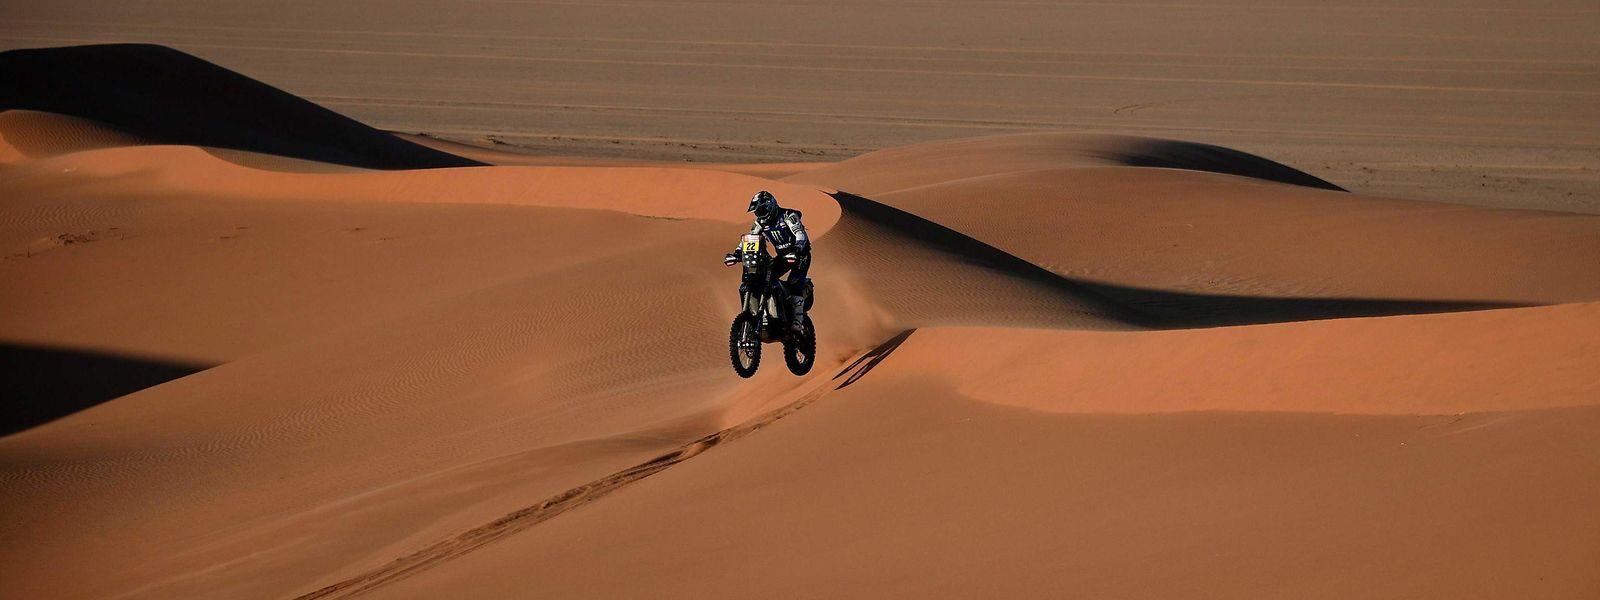 Die Rallye Dakar hat seit ihrer ersten Auflage im Jahr 1979 bereits 70 Menschen das Leben gekostet.